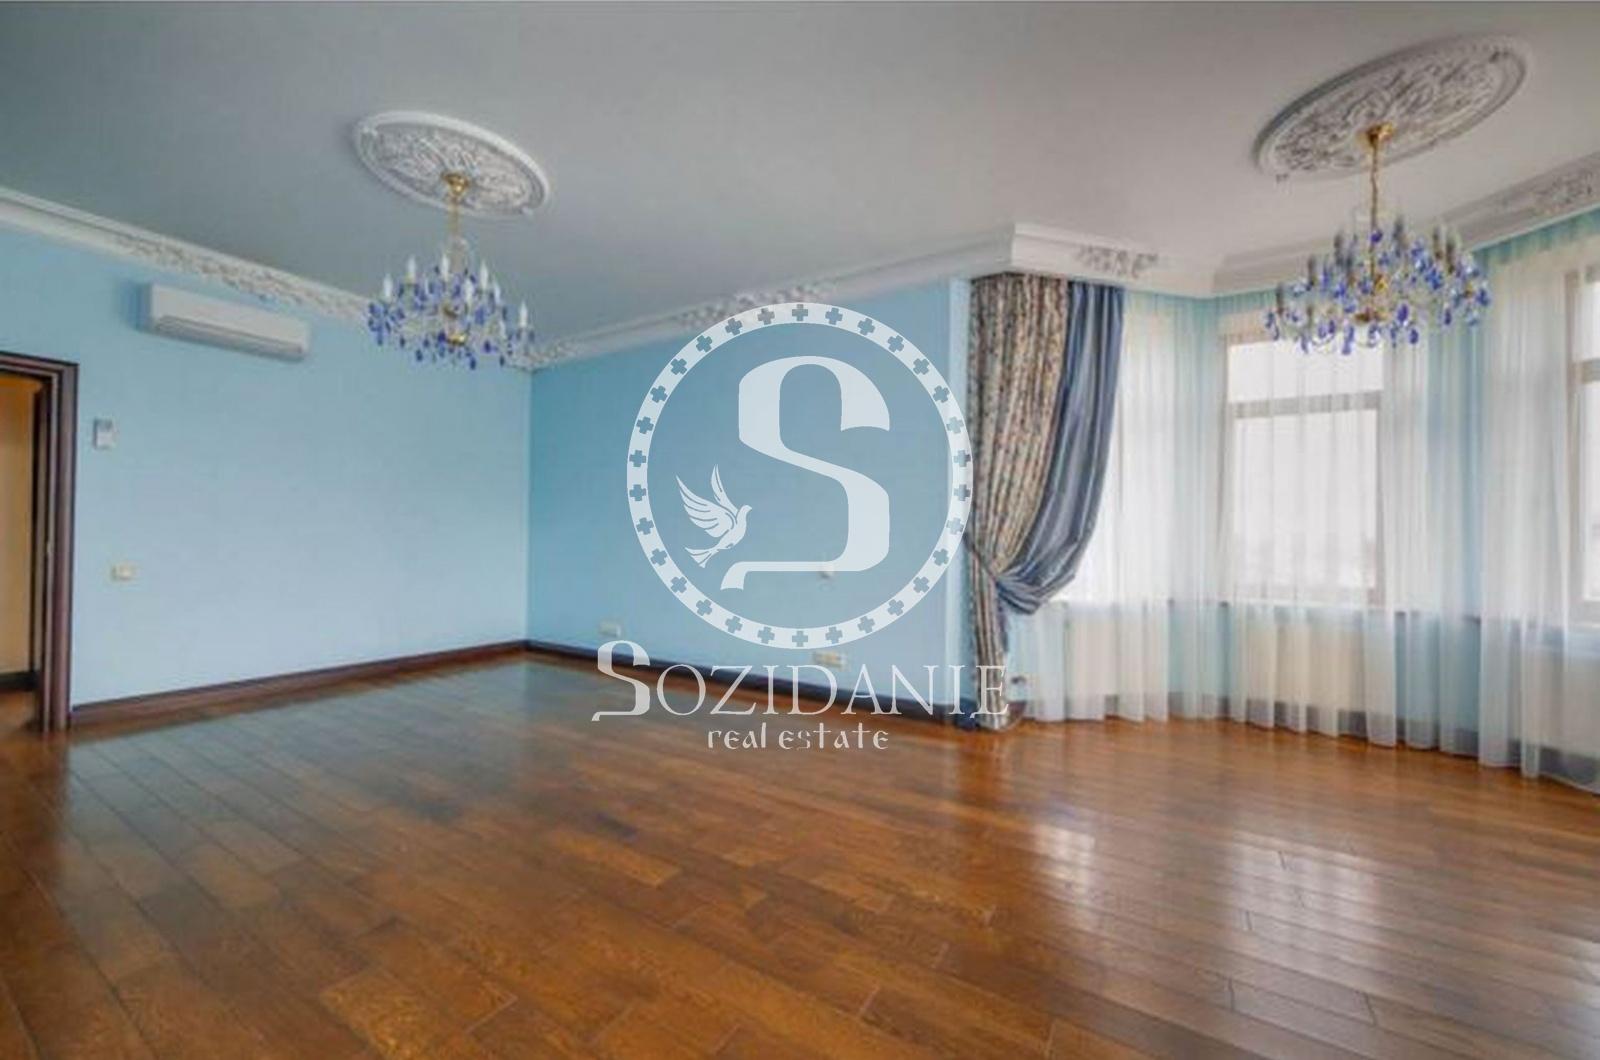 4 Bedrooms, Загородная, Продажа, Listing ID 1497, Московская область, Россия,